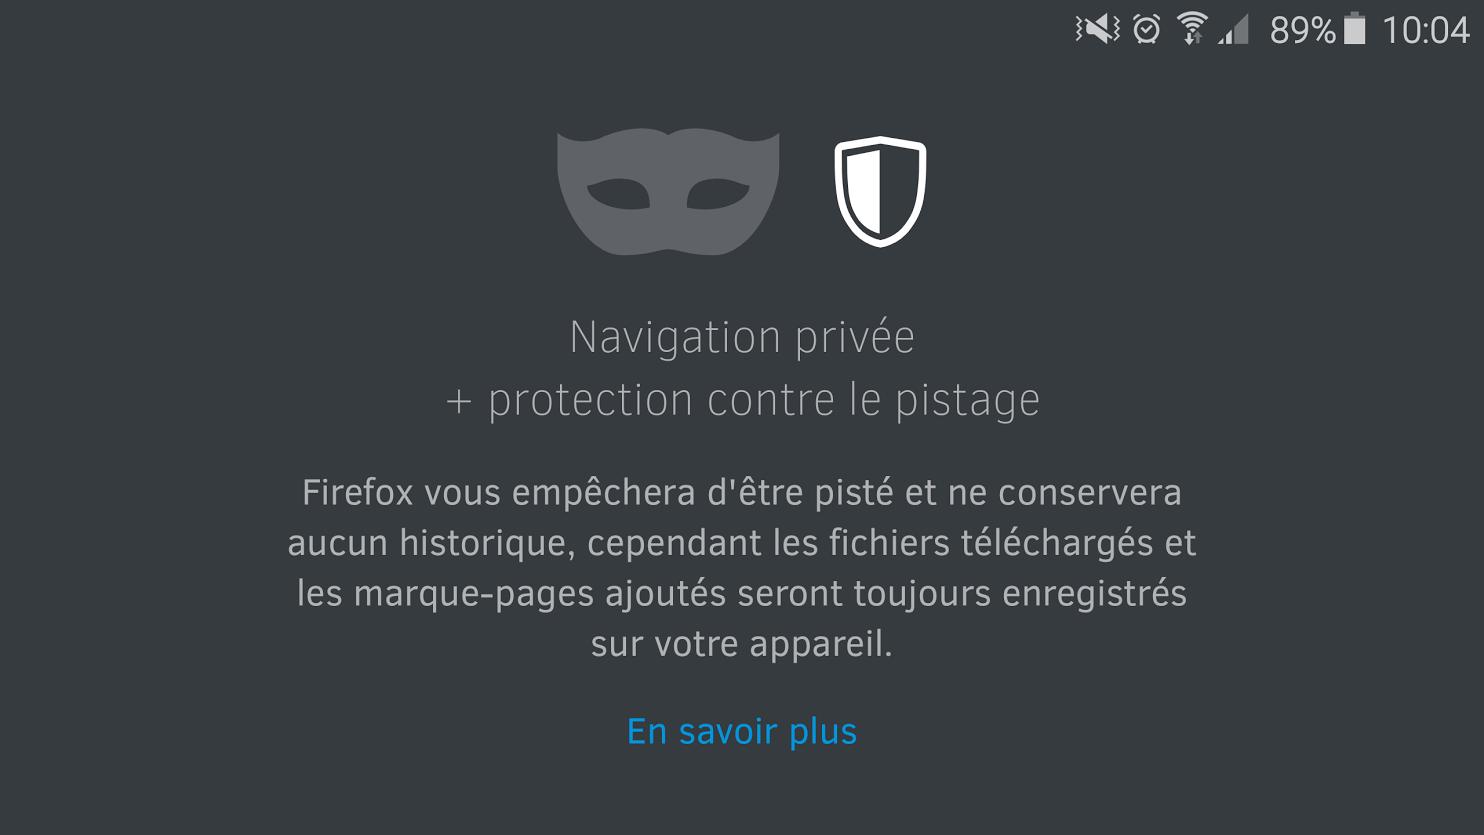 Firefox pour Android se met à jour et ajoute une protection contre le pistage